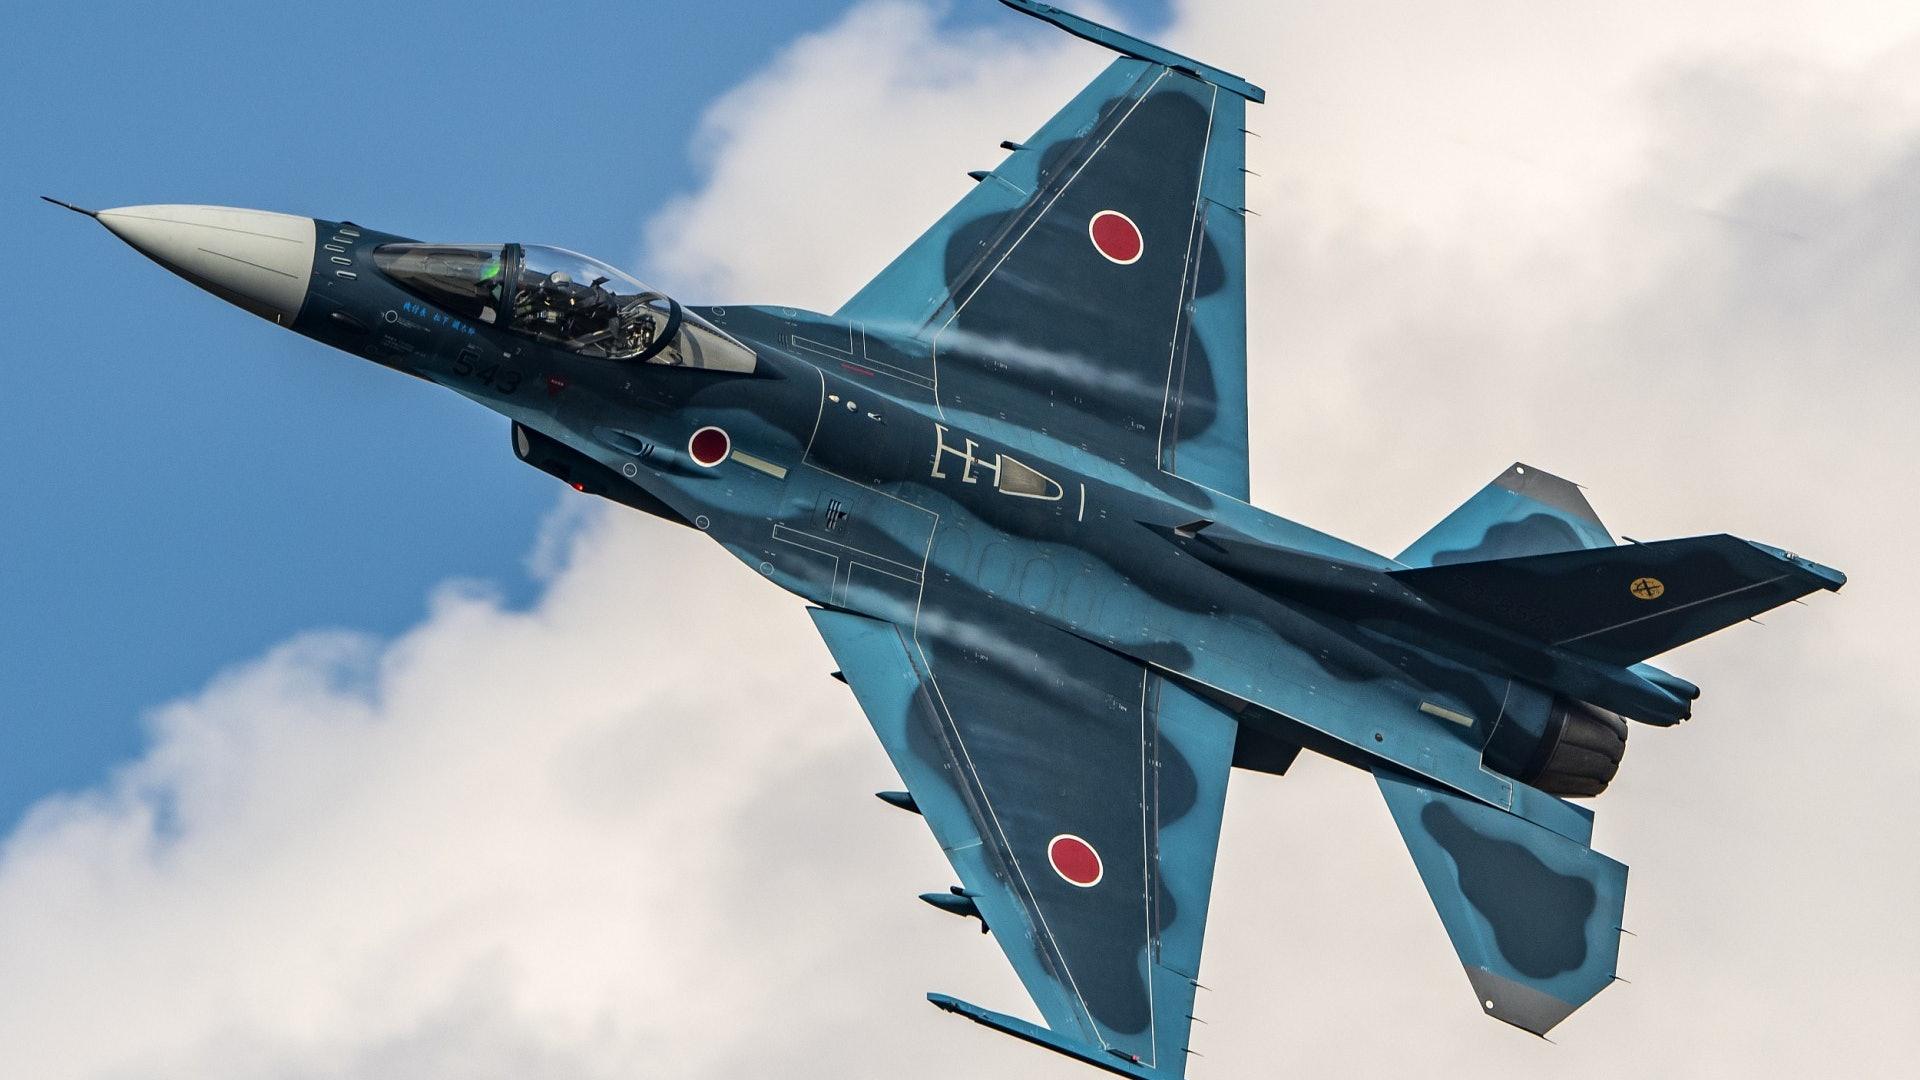 共同社 日本戰機9個月緊急升空758次六成針對中國飛機 香港01 外媒視點